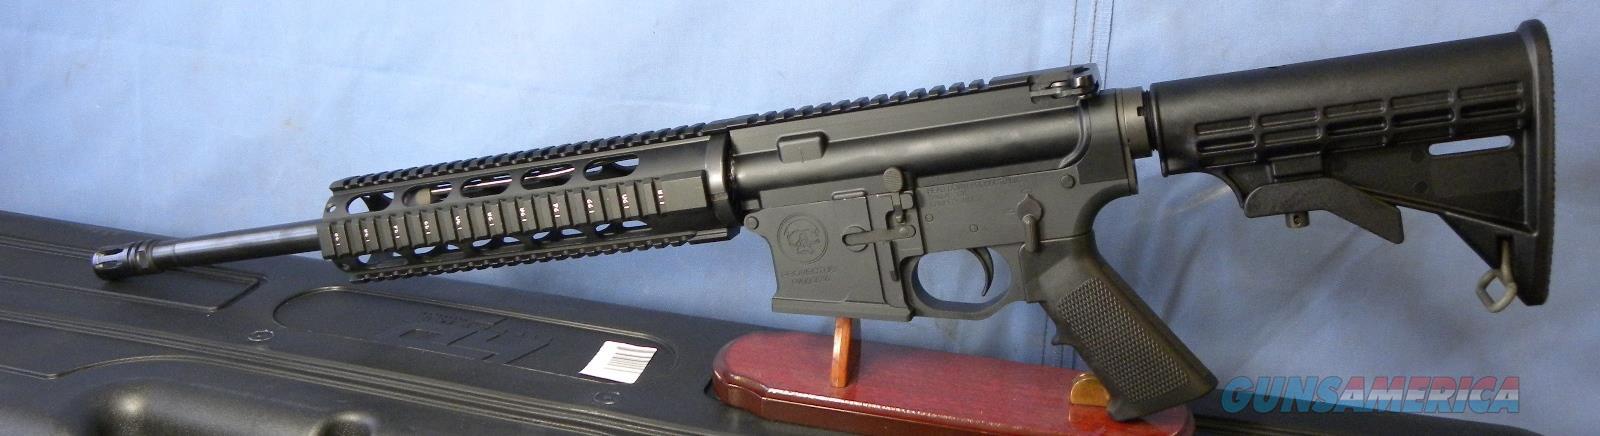 HDP Triton 10 M4A3  Guns > Rifles > AR-15 Rifles - Small Manufacturers > Complete Rifle